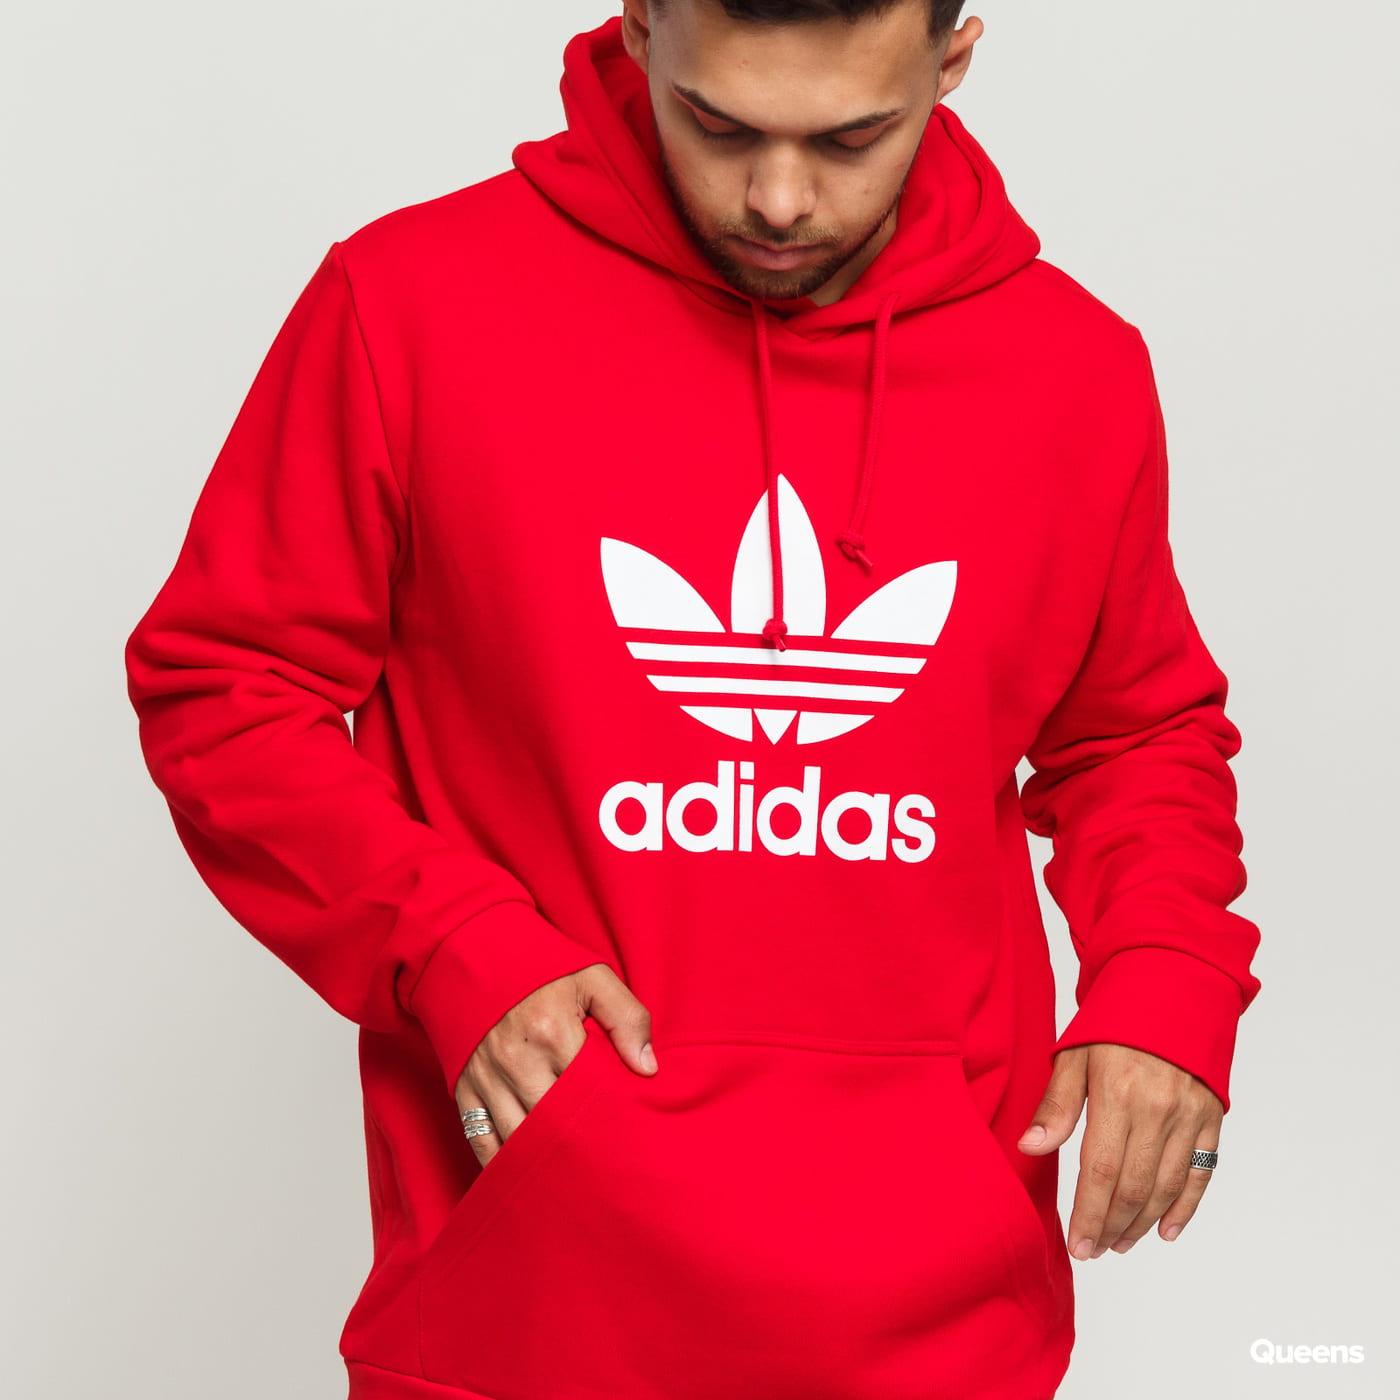 Bluza męska ADIDAS ORIGINALS TREFOIL WARM UP czerwona (EJ9680)